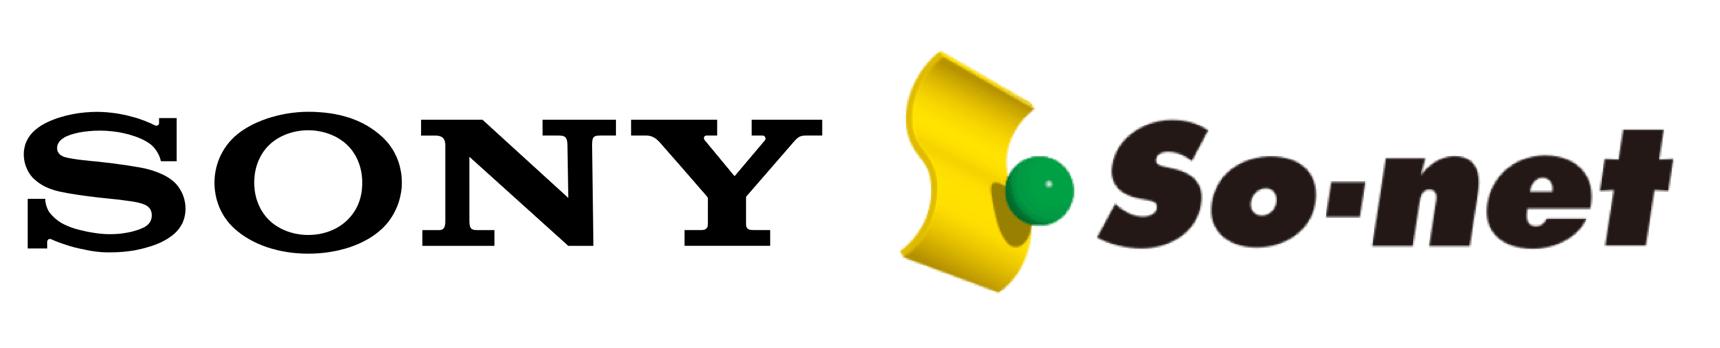 SONYグループであるSo-netが提供の特設サイト